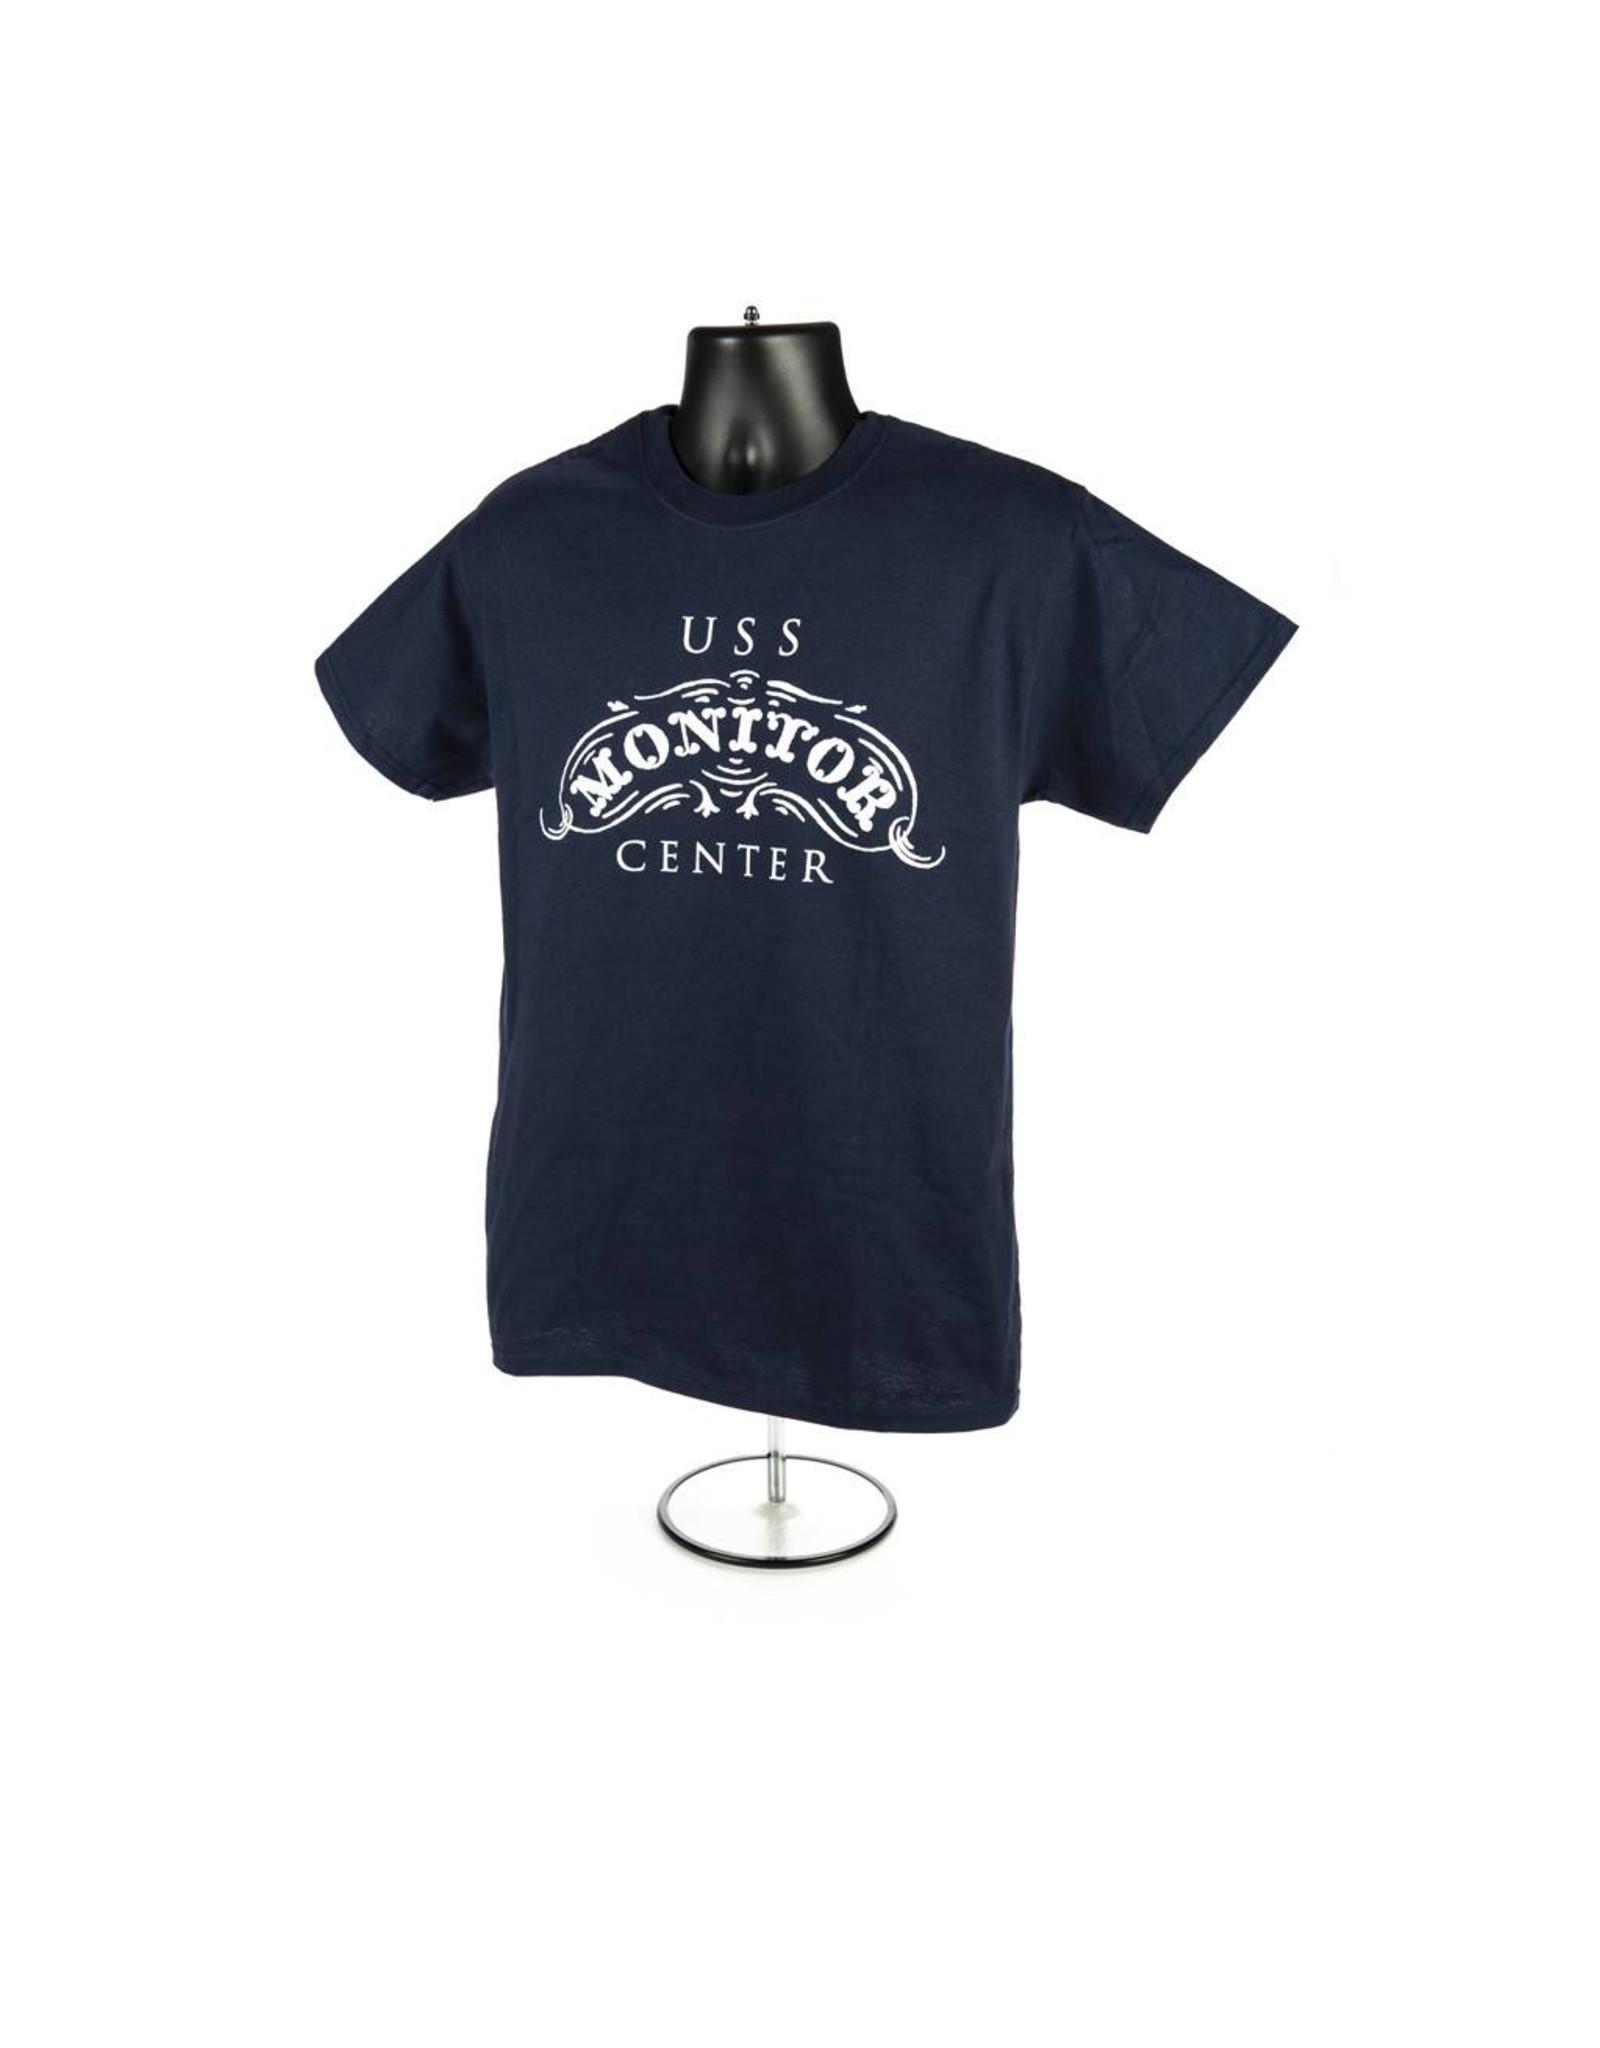 USS Monitor Center T-Shirt